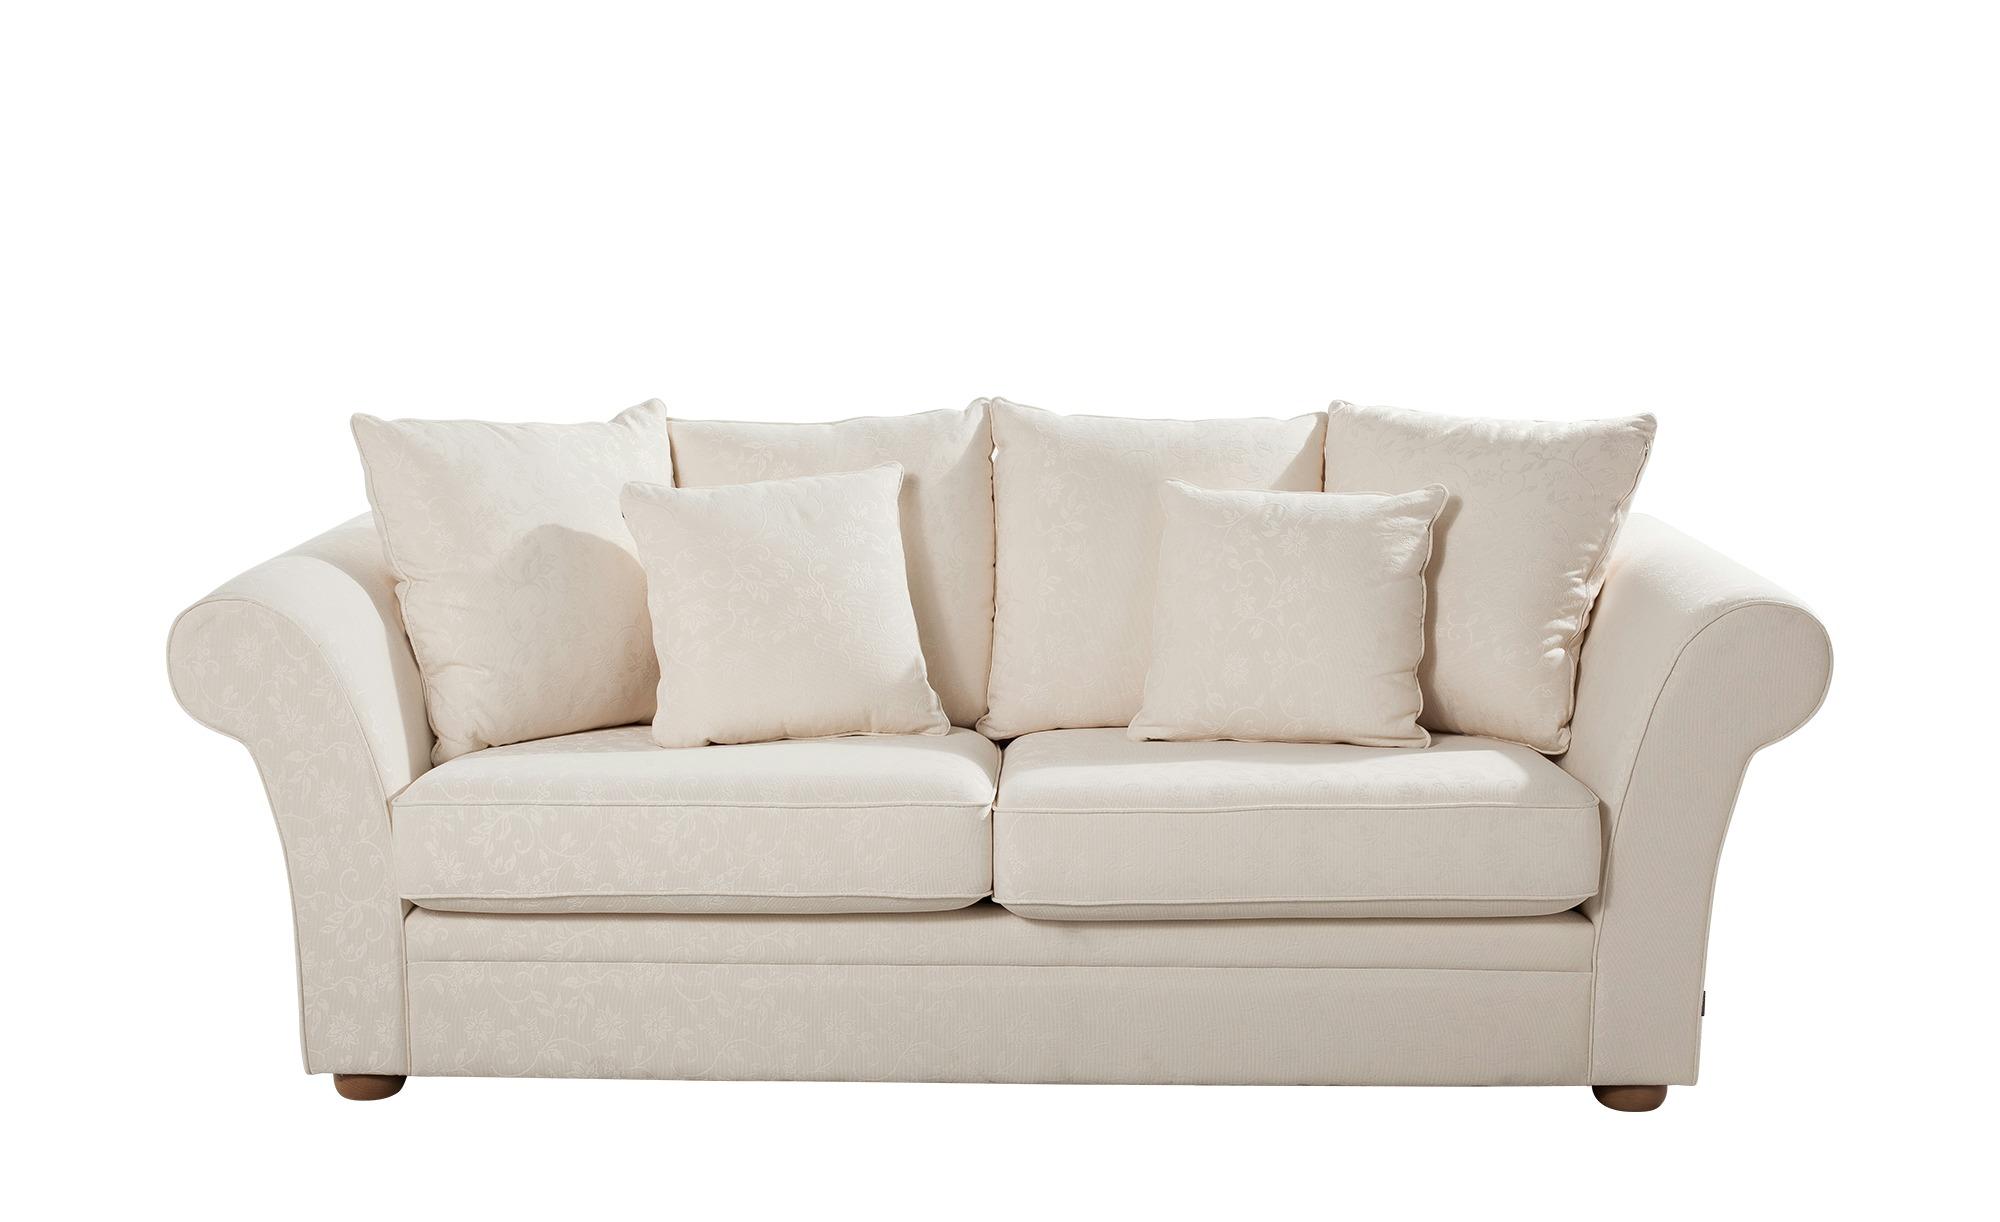 Landhaus-Sofa  weiß - Flachgewebe Olivia ¦ weiß ¦ Maße (cm): B: 240 H: 100 T: 98 Polstermöbel > Sofas > 3-Sitzer - Höffner